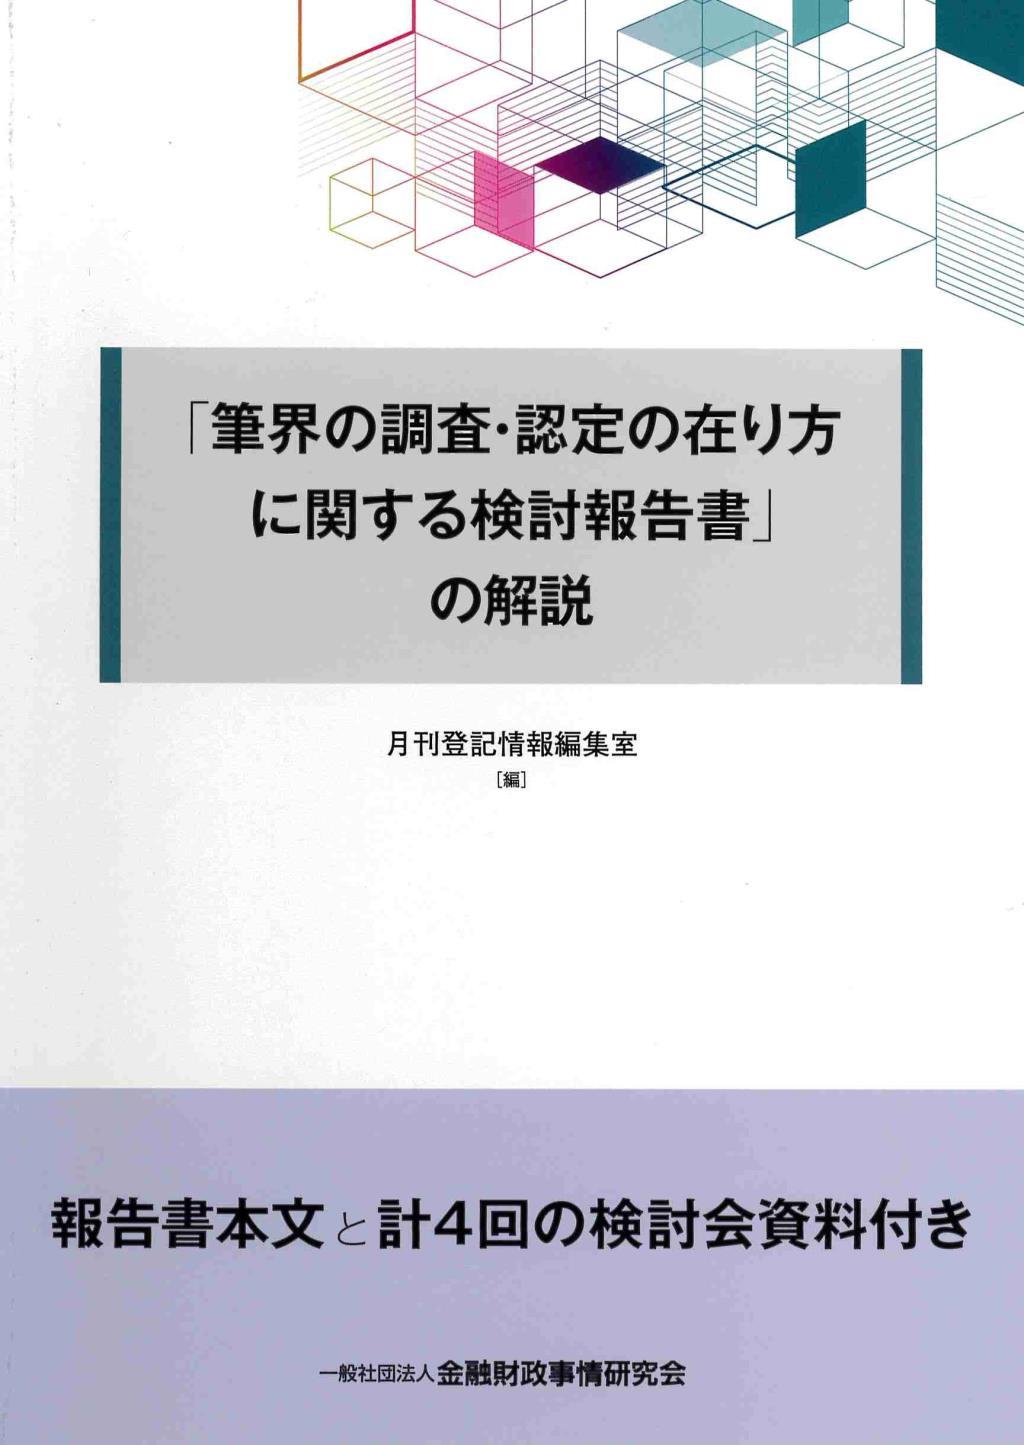 「筆界の調査・認定の在り方に関する検討報告書」の解説